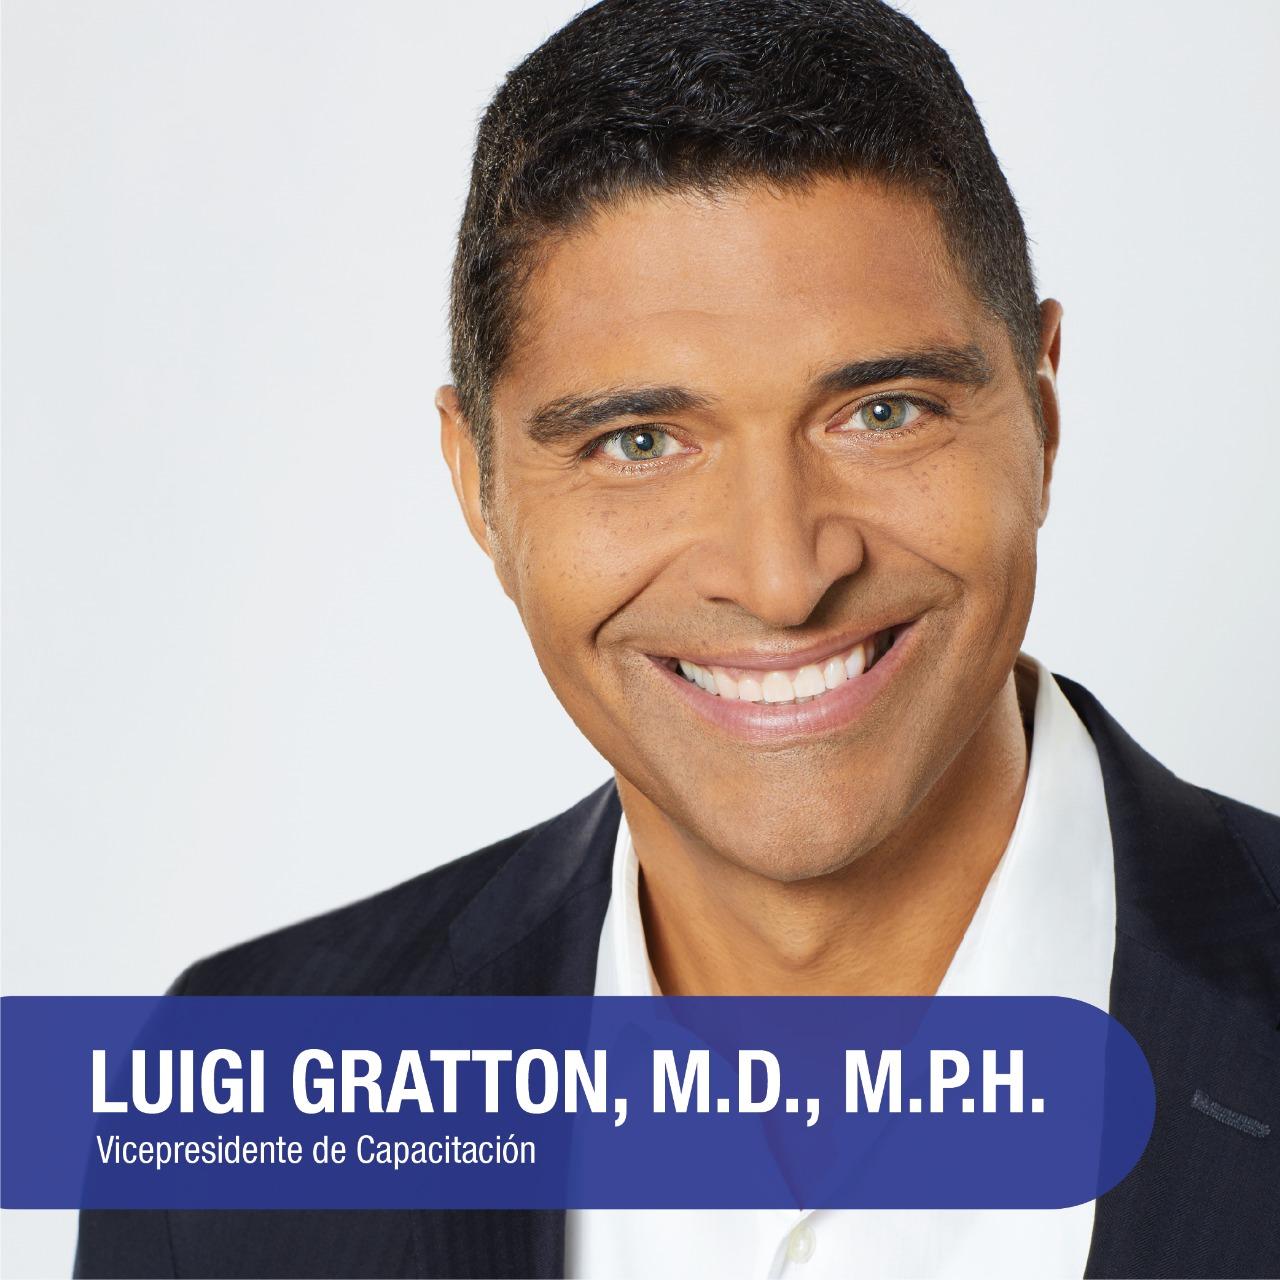 Luigi Gratton